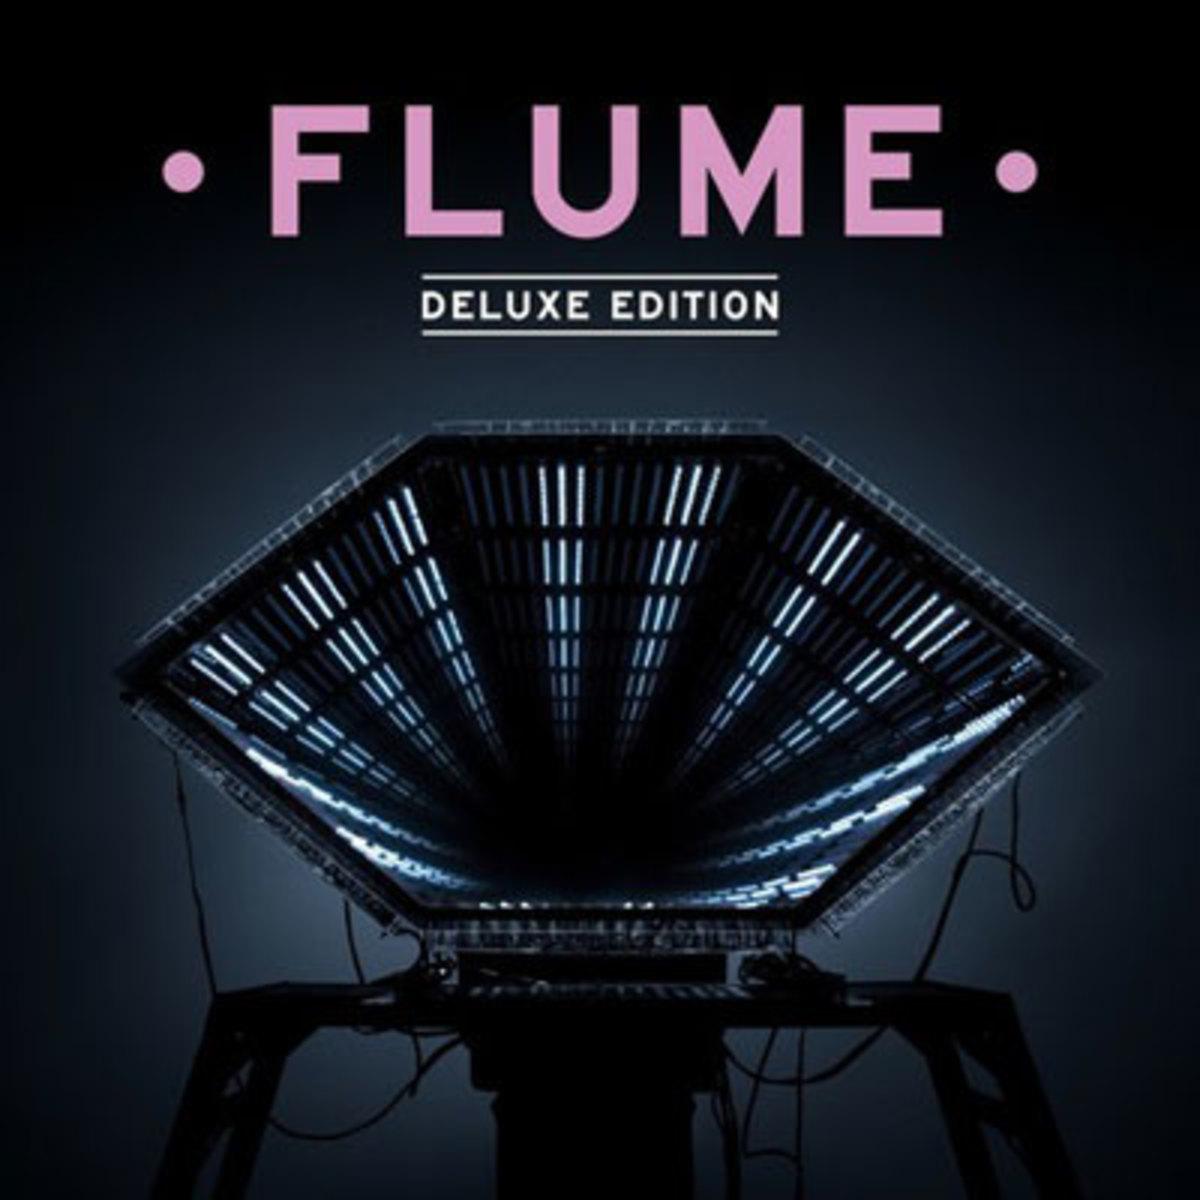 flume-flume.jpg